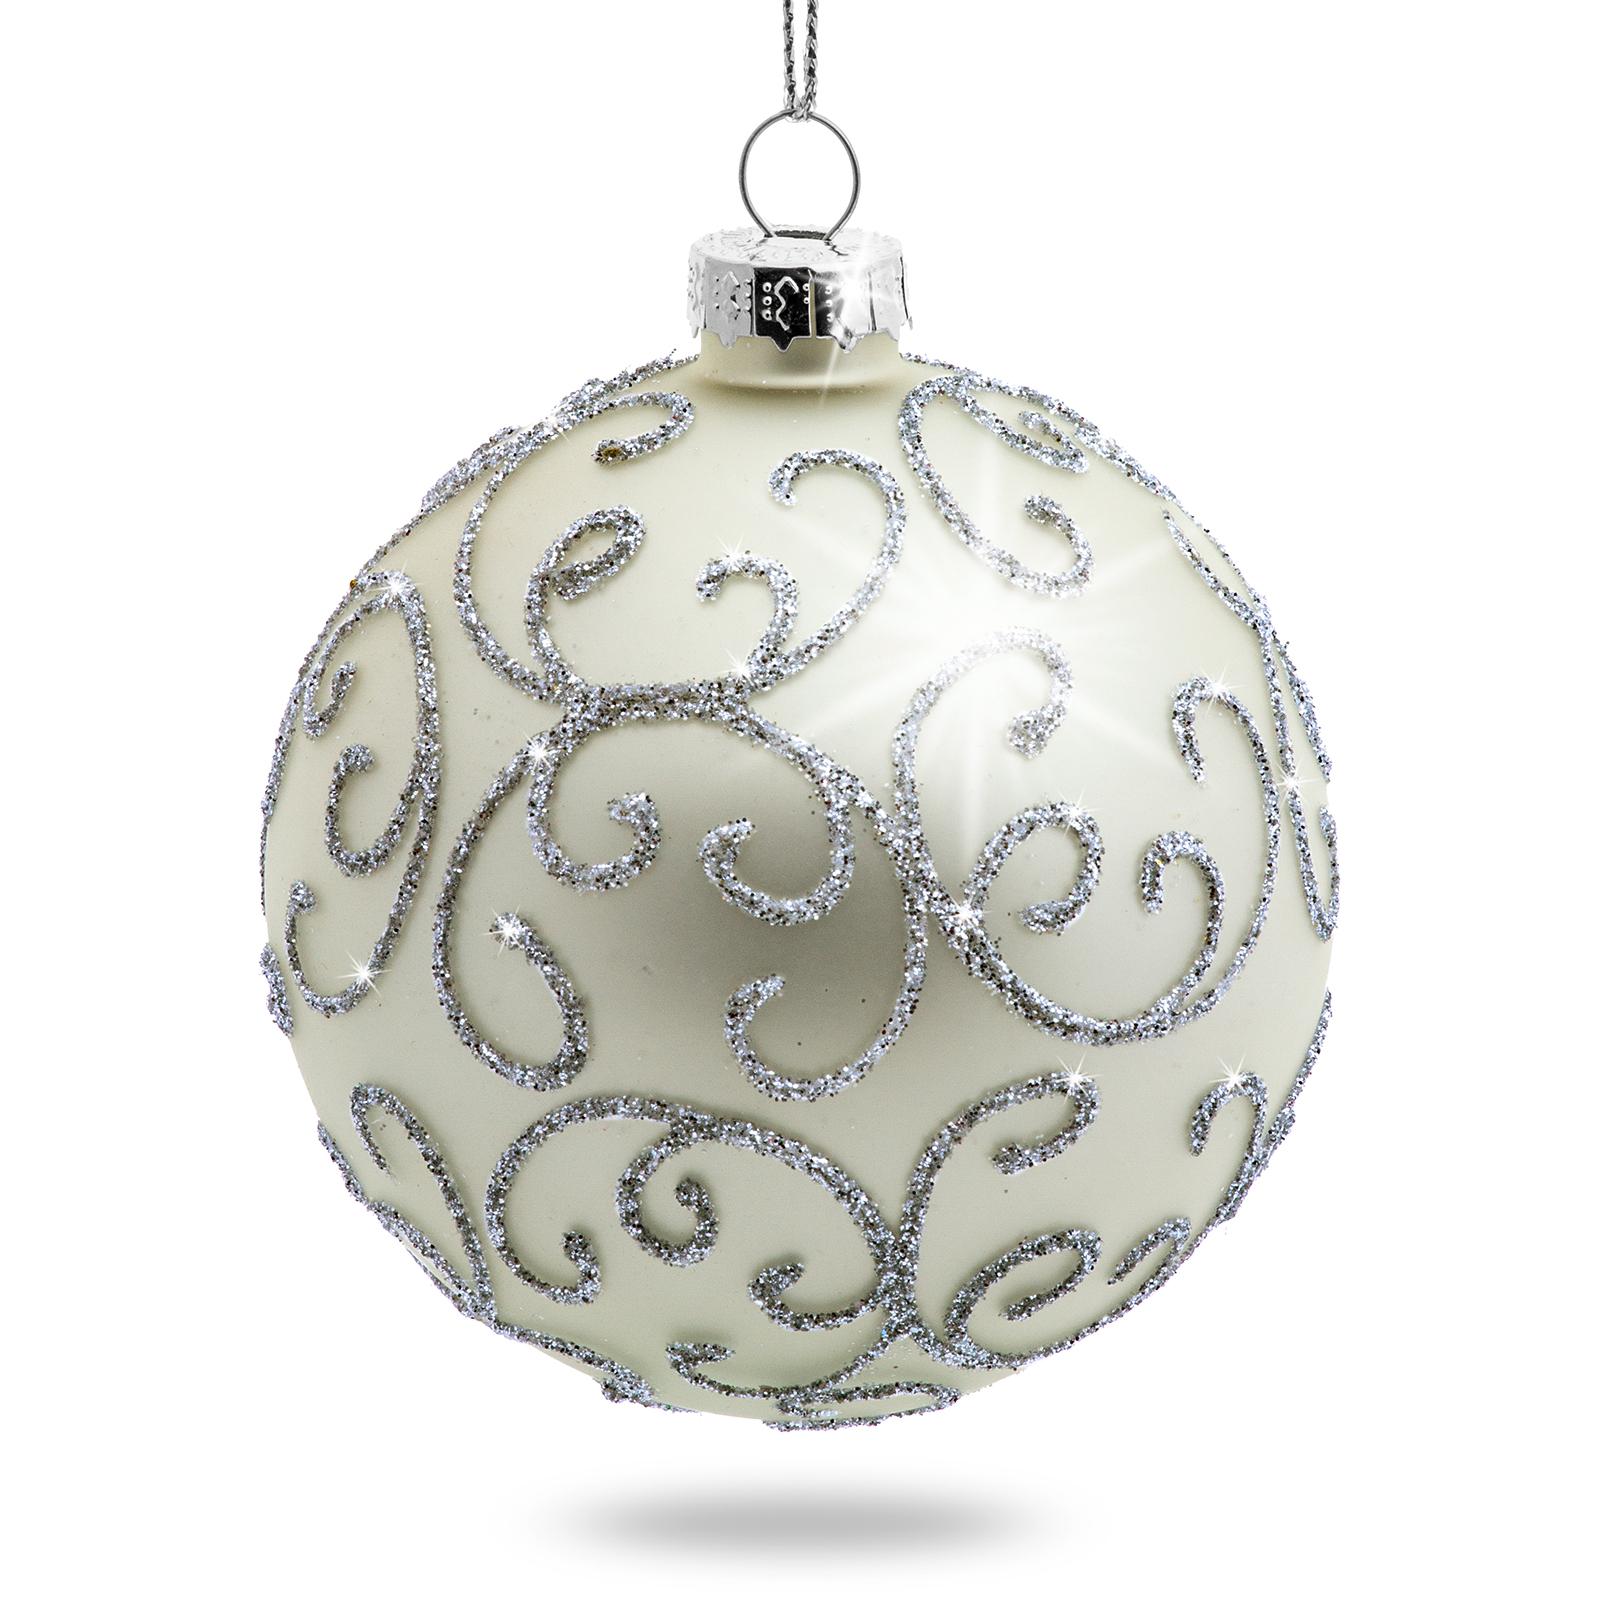 Glitzer Christbaumkugeln.Details Zu Sikora 4er Glanz Verzierte Glitzer Christbaumkugeln Weihnachtskugeln Glas Silber